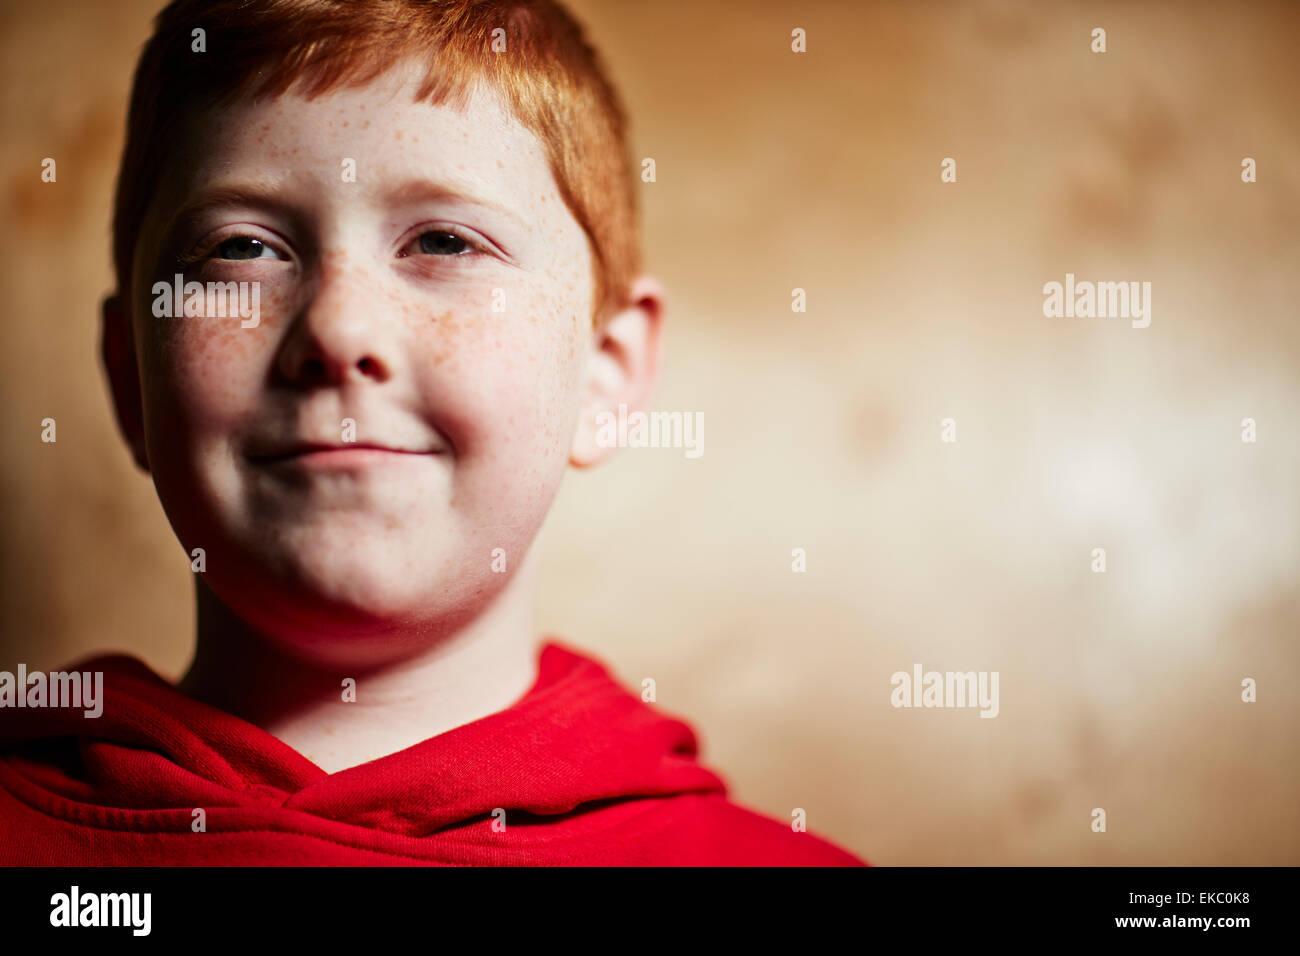 Ragazzo con i capelli rossi, sorridente Immagini Stock